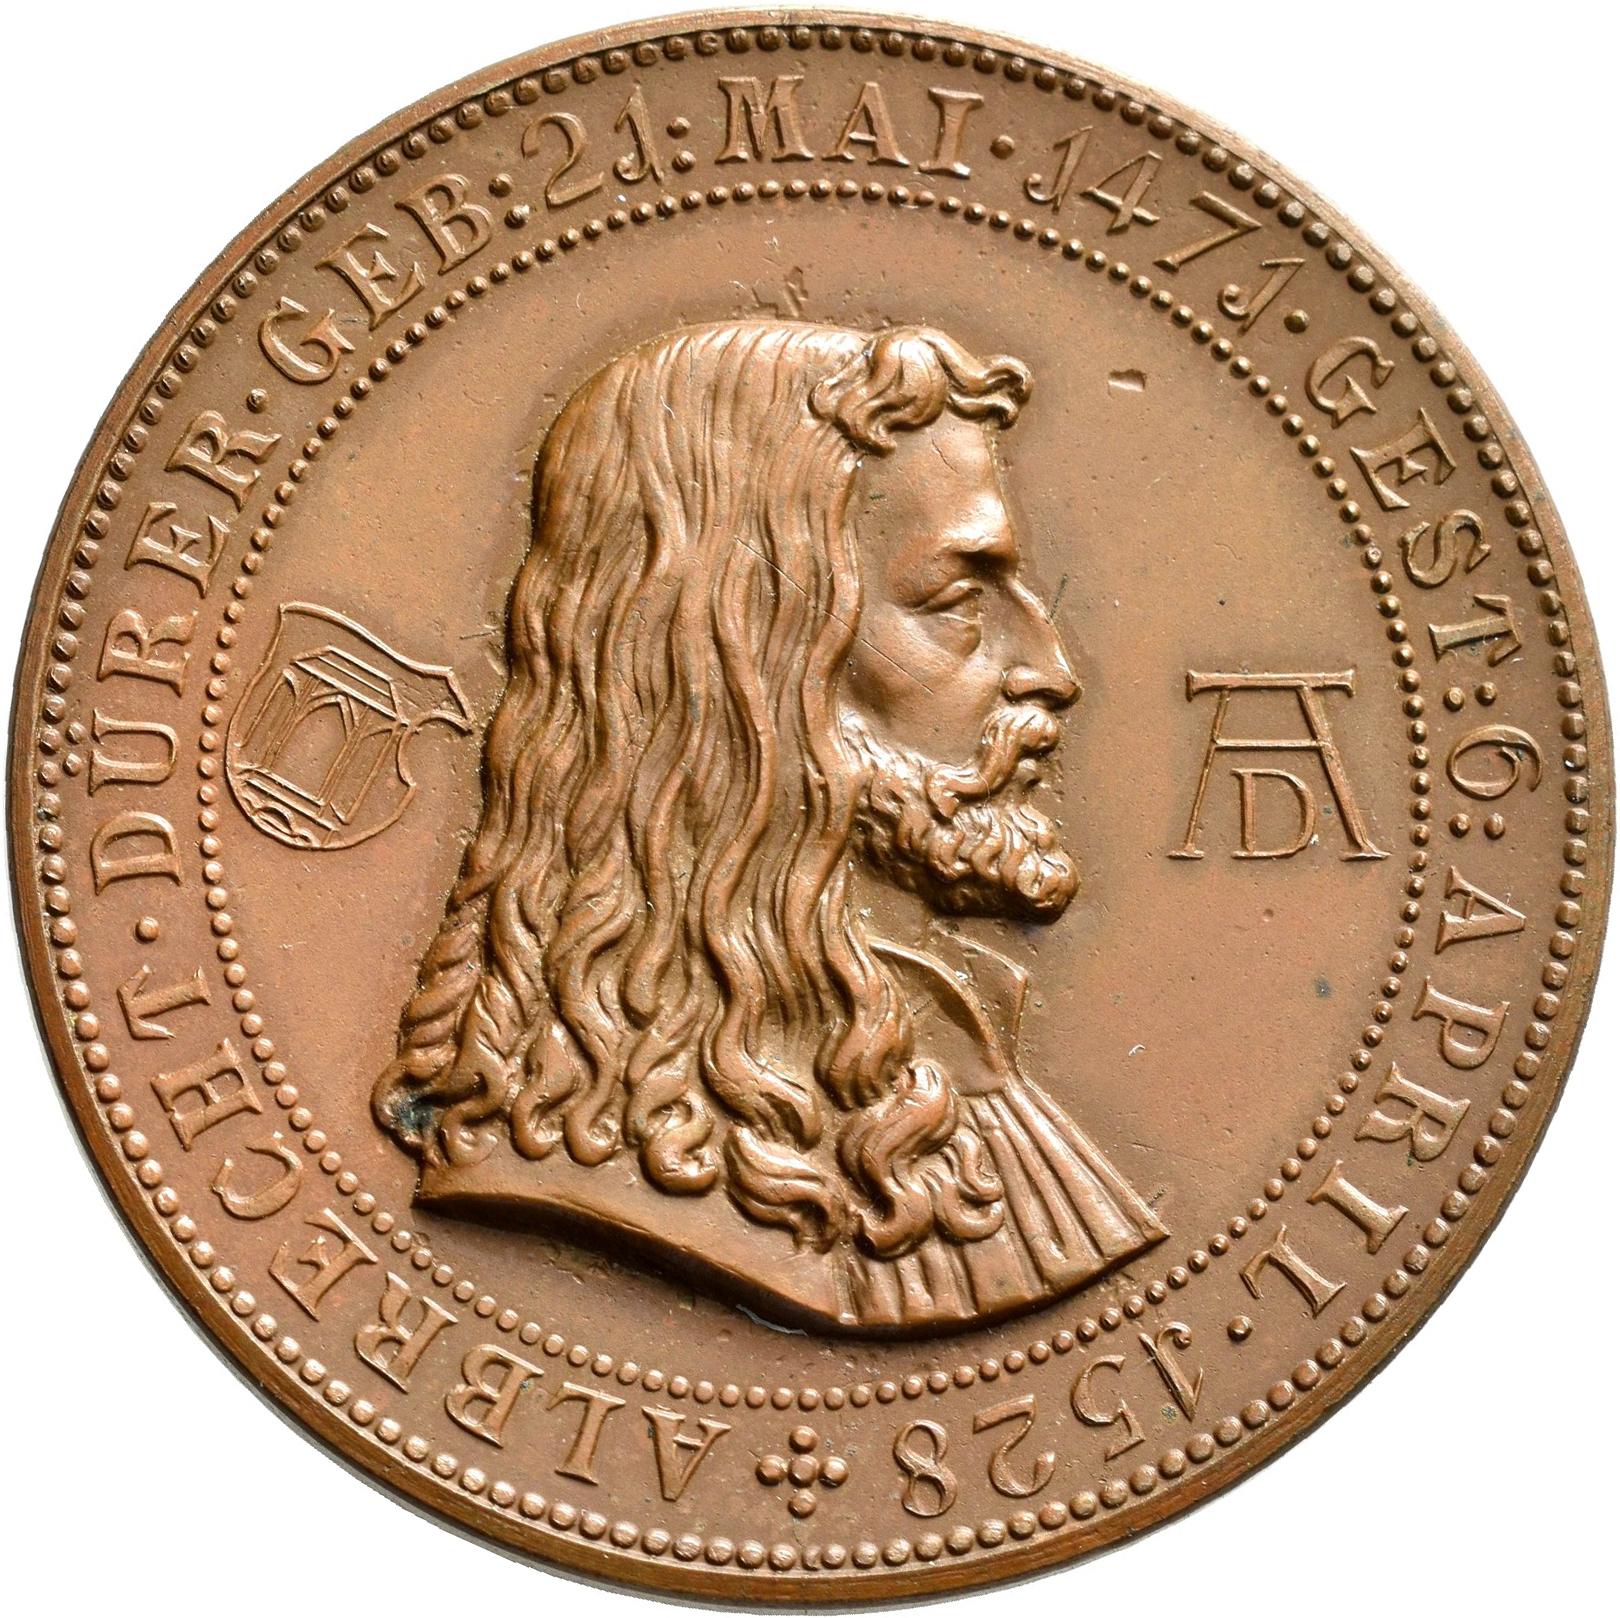 Lot 02413 - Medaillen Deutschland - Geographisch | Münzen  -  Auktionshaus Christoph Gärtner GmbH & Co. KG Sale #48 The Coins & The Picture Post Cards